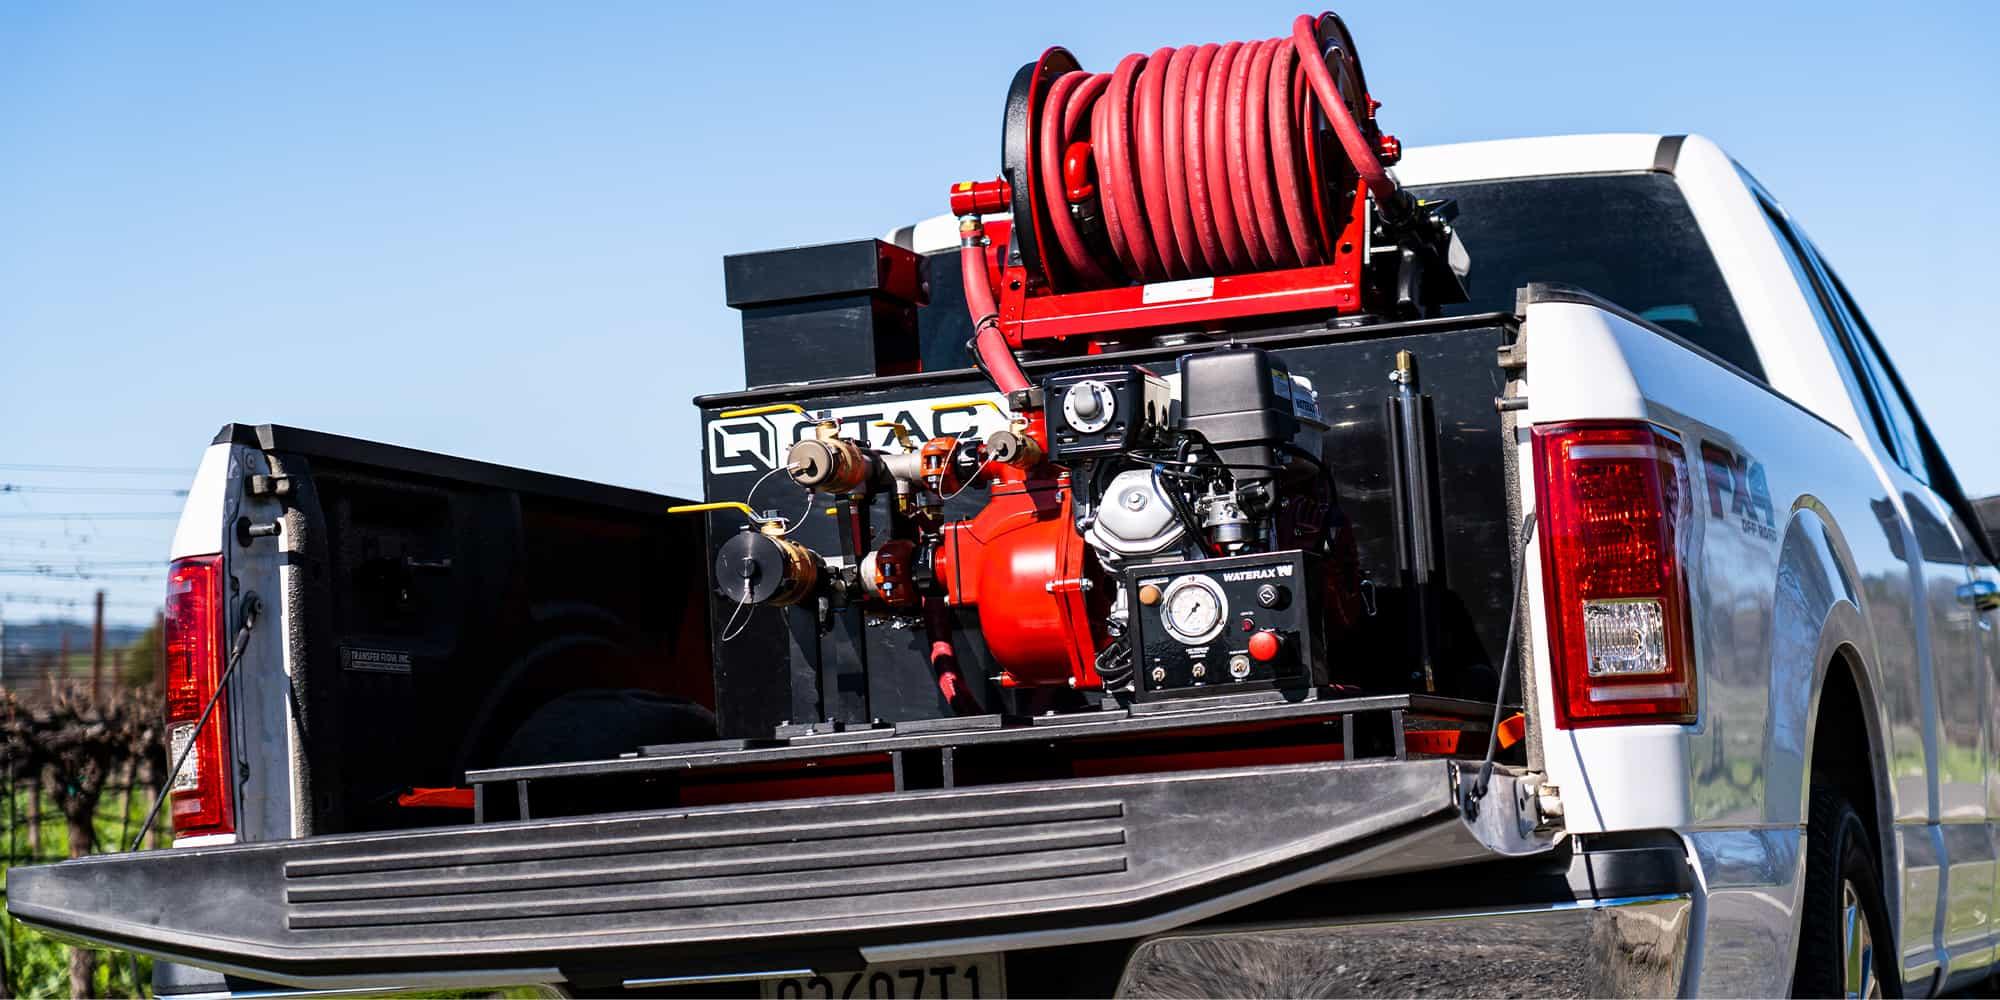 QTAC Tsunami Pro Series Truck Skid Unit at Winery